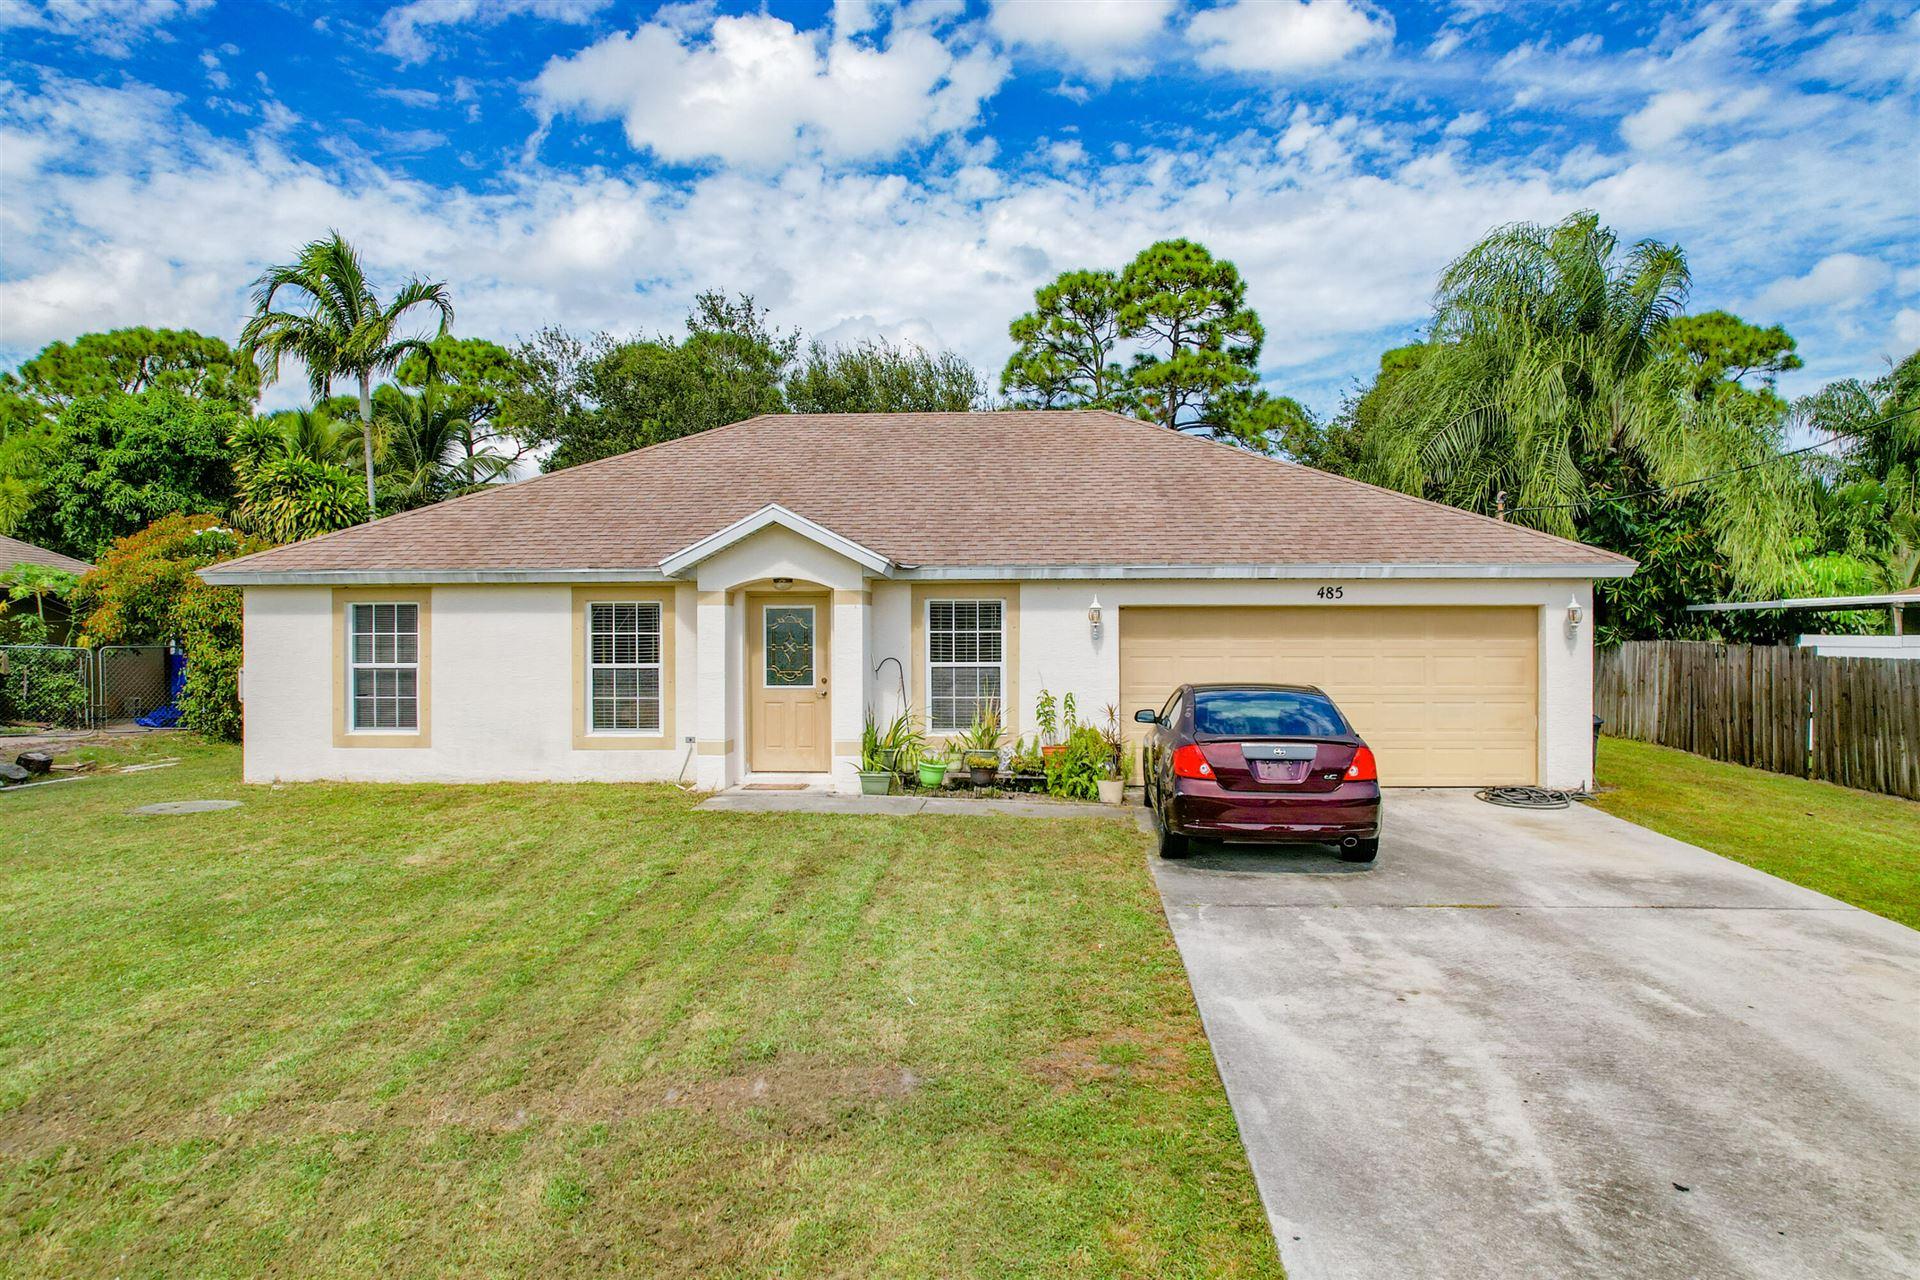 485 SE Voltair Terrace, Port Saint Lucie, FL 34983 - MLS#: RX-10754905